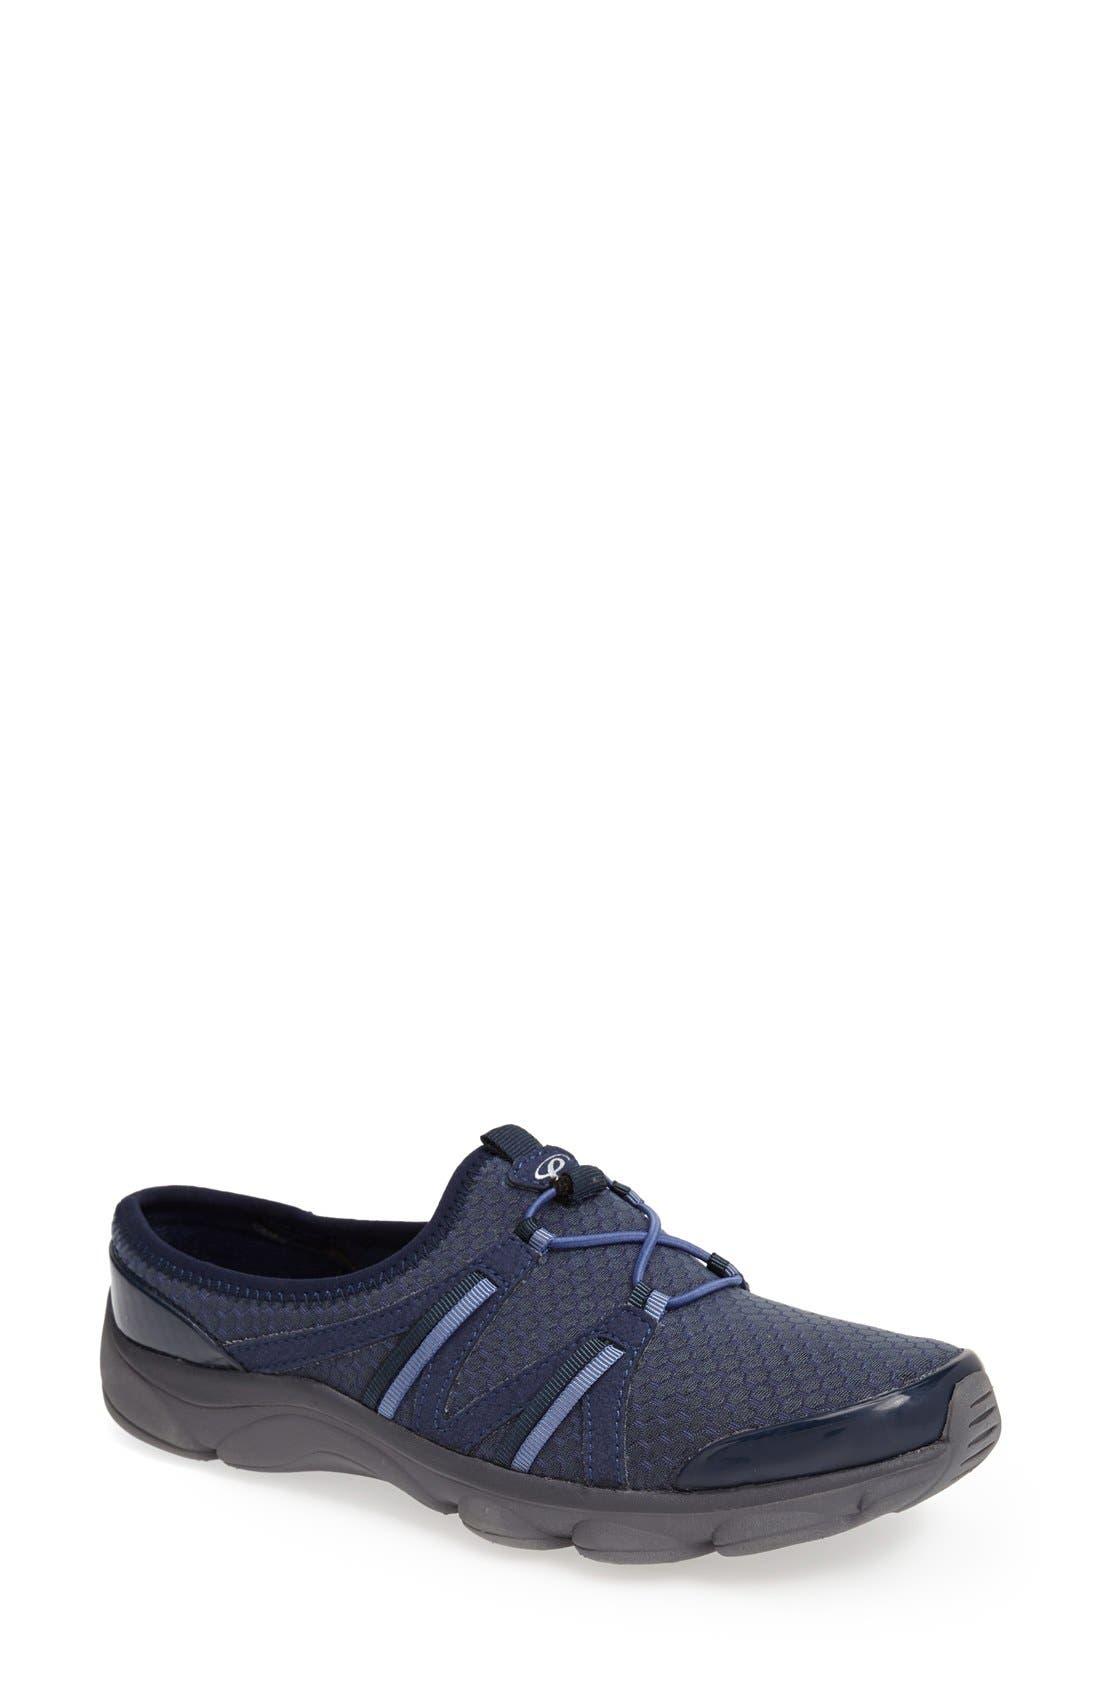 Alternate Image 1 Selected - Easy Spirit 'e360 - Rich' Slip-On Sneaker (Women)